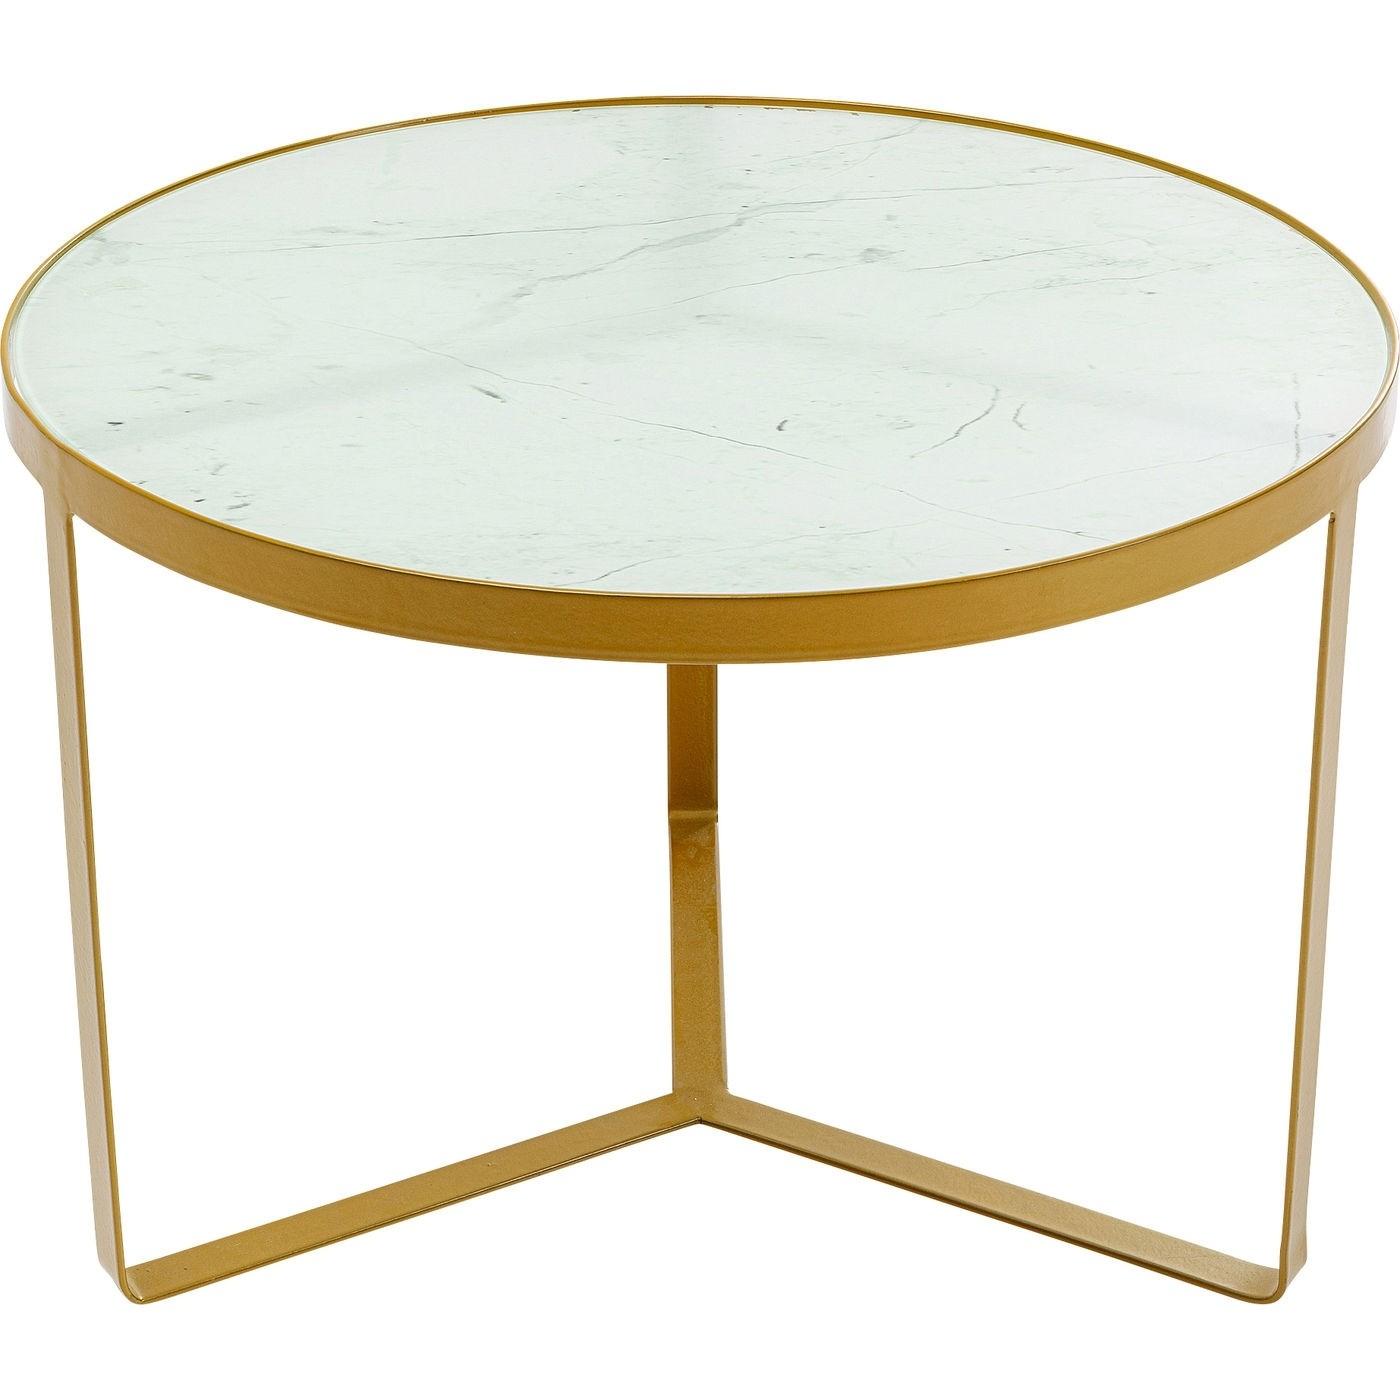 KARE DESIGN Marble rundt sofabord - glas m. marmorlook og guldfarvet stål (Ø 70)